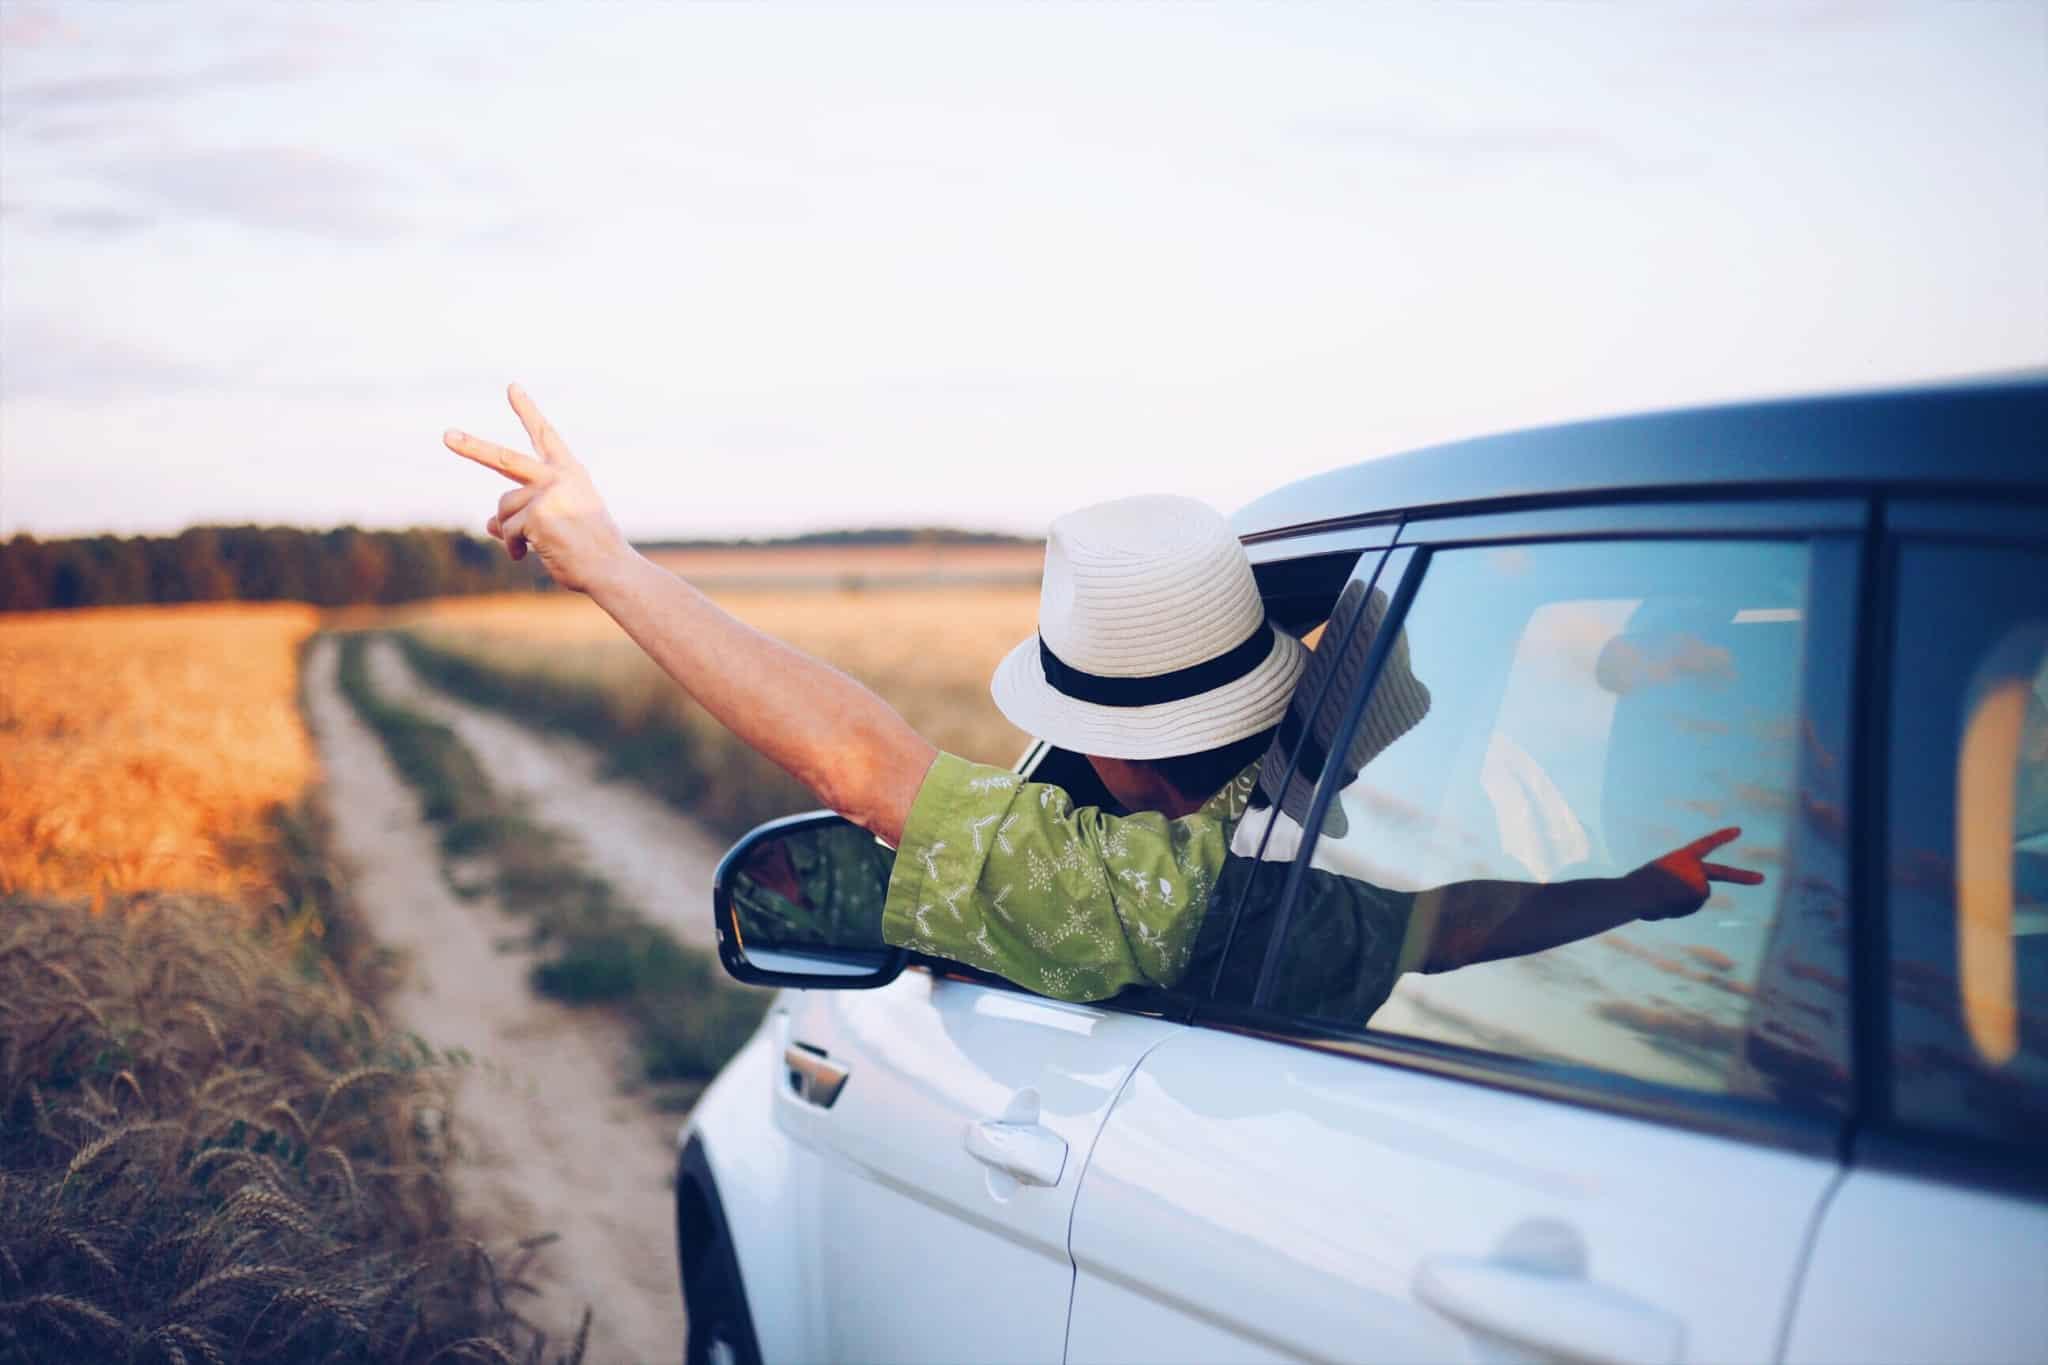 homem aventureiro dentro de um carro branco com o braço de fora